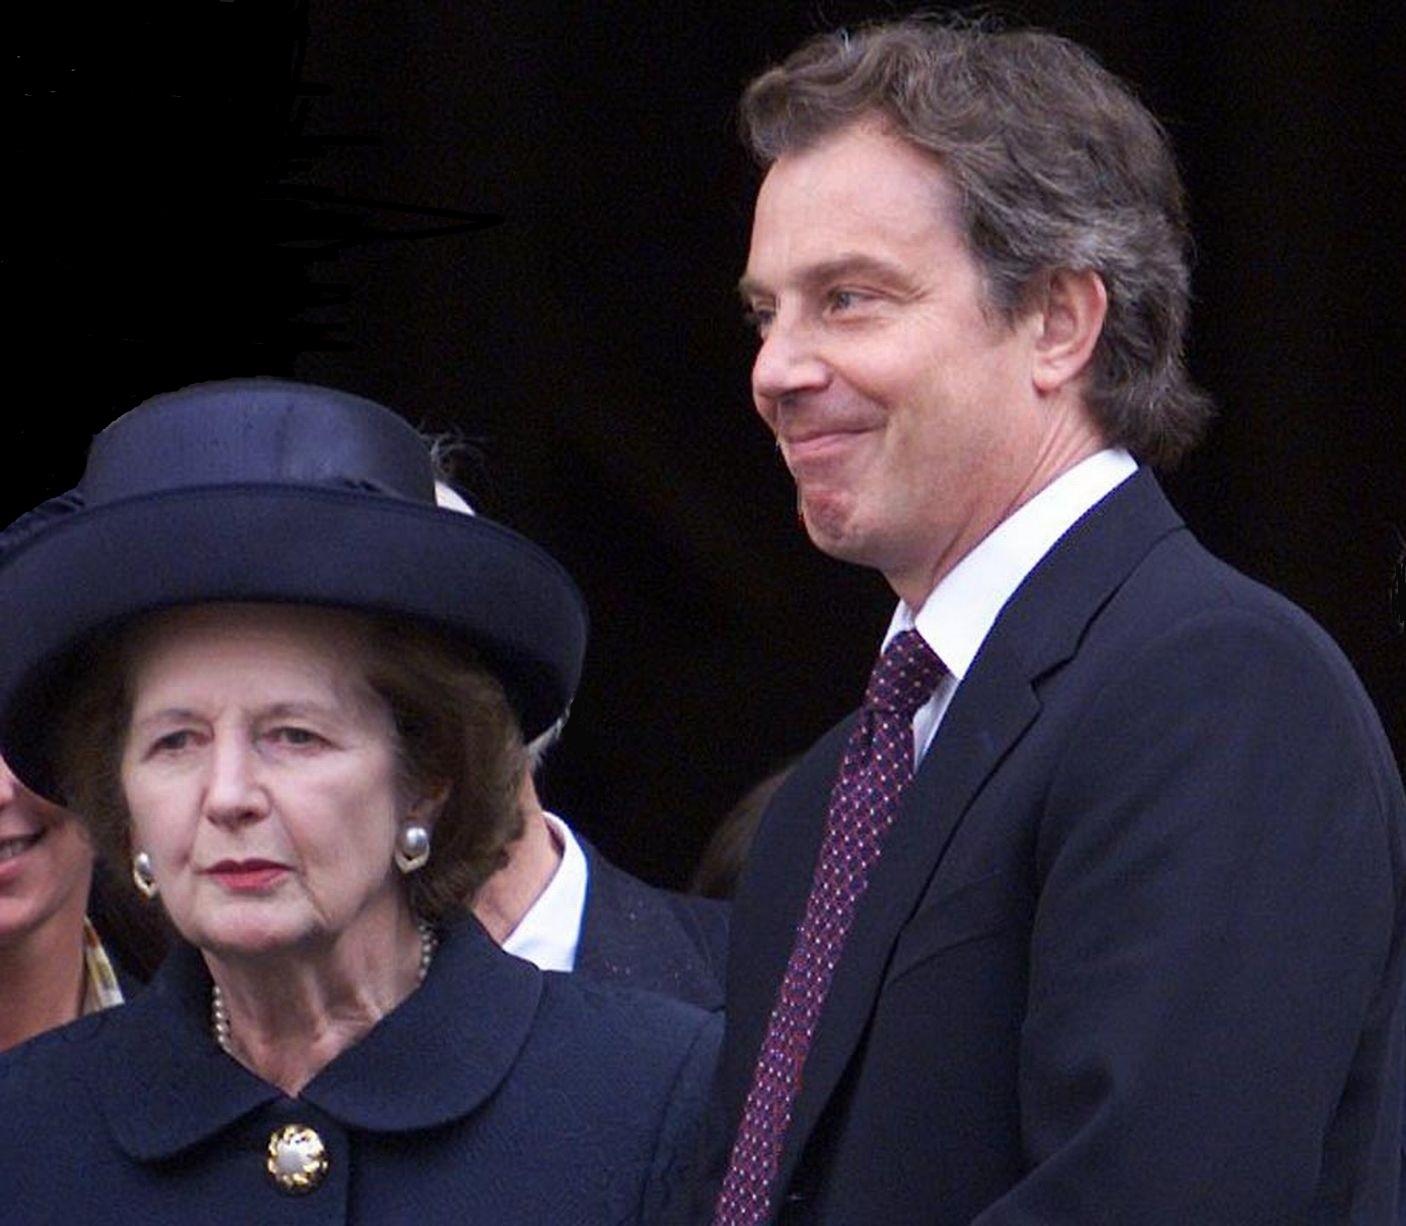 Thatcherism's Greatest Achievement